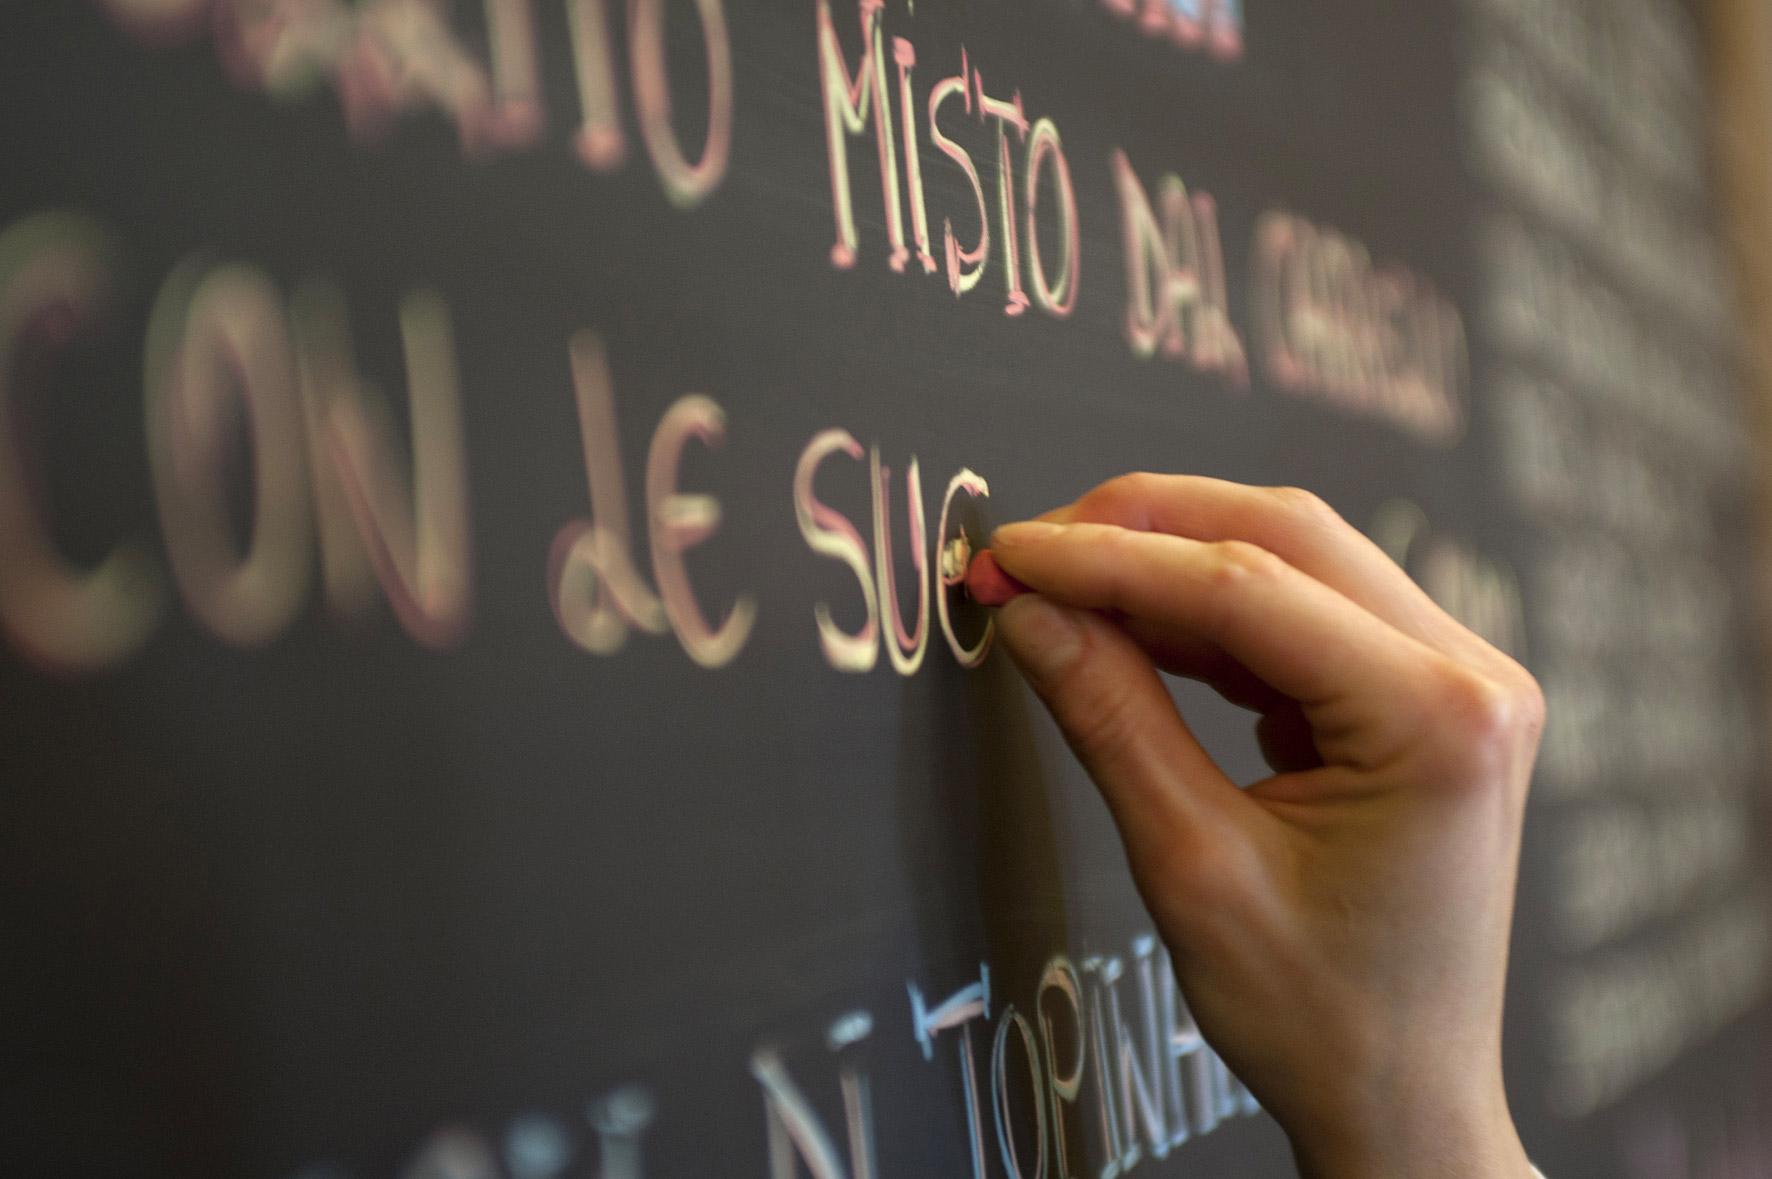 Scuola: le ripetizioni valgono quasi 1 miliardo, il 90% in nero